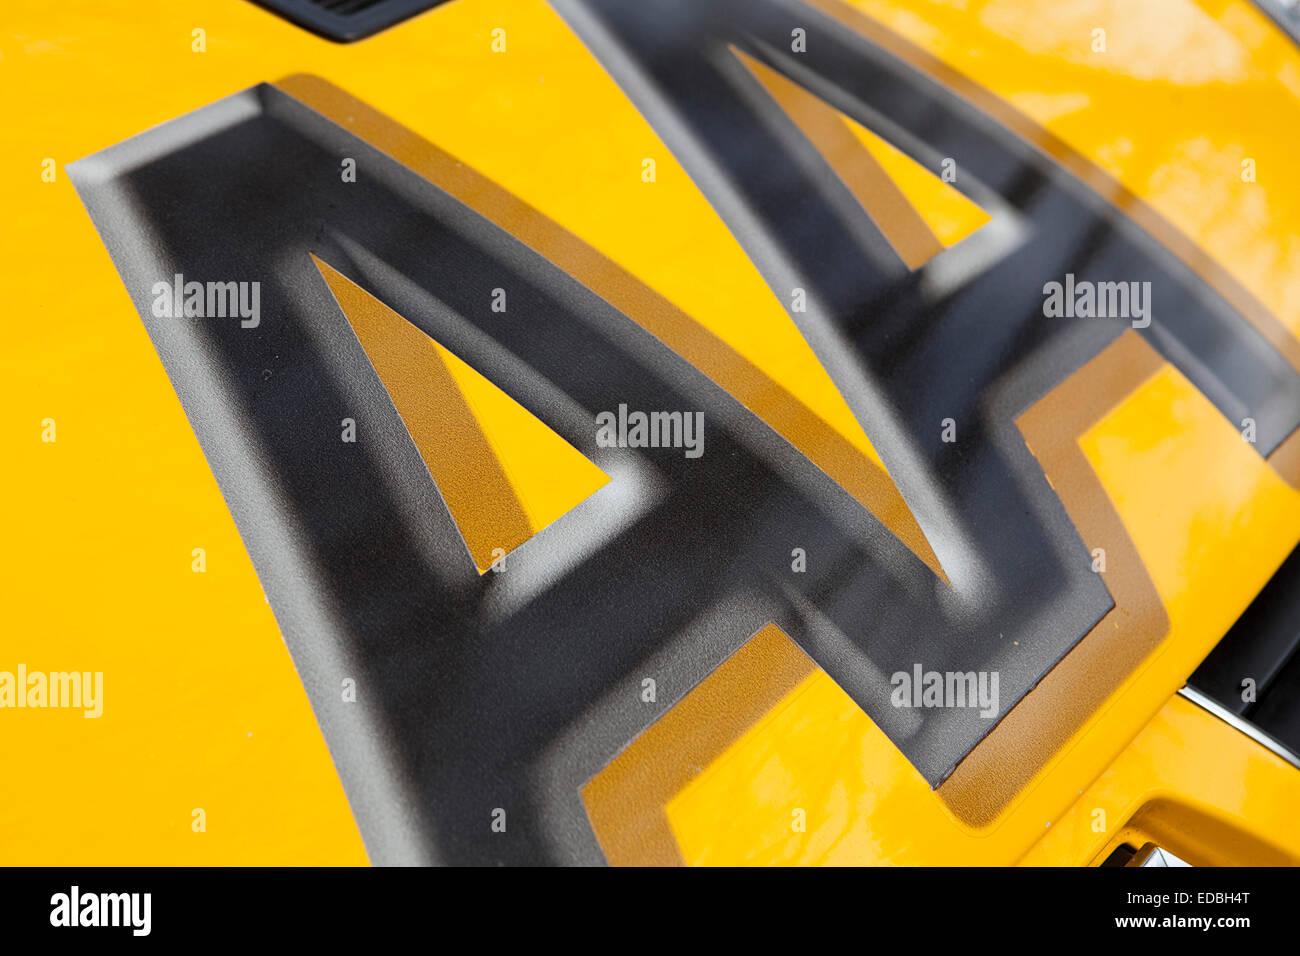 Image d'illustration de l'AA. Photo Stock